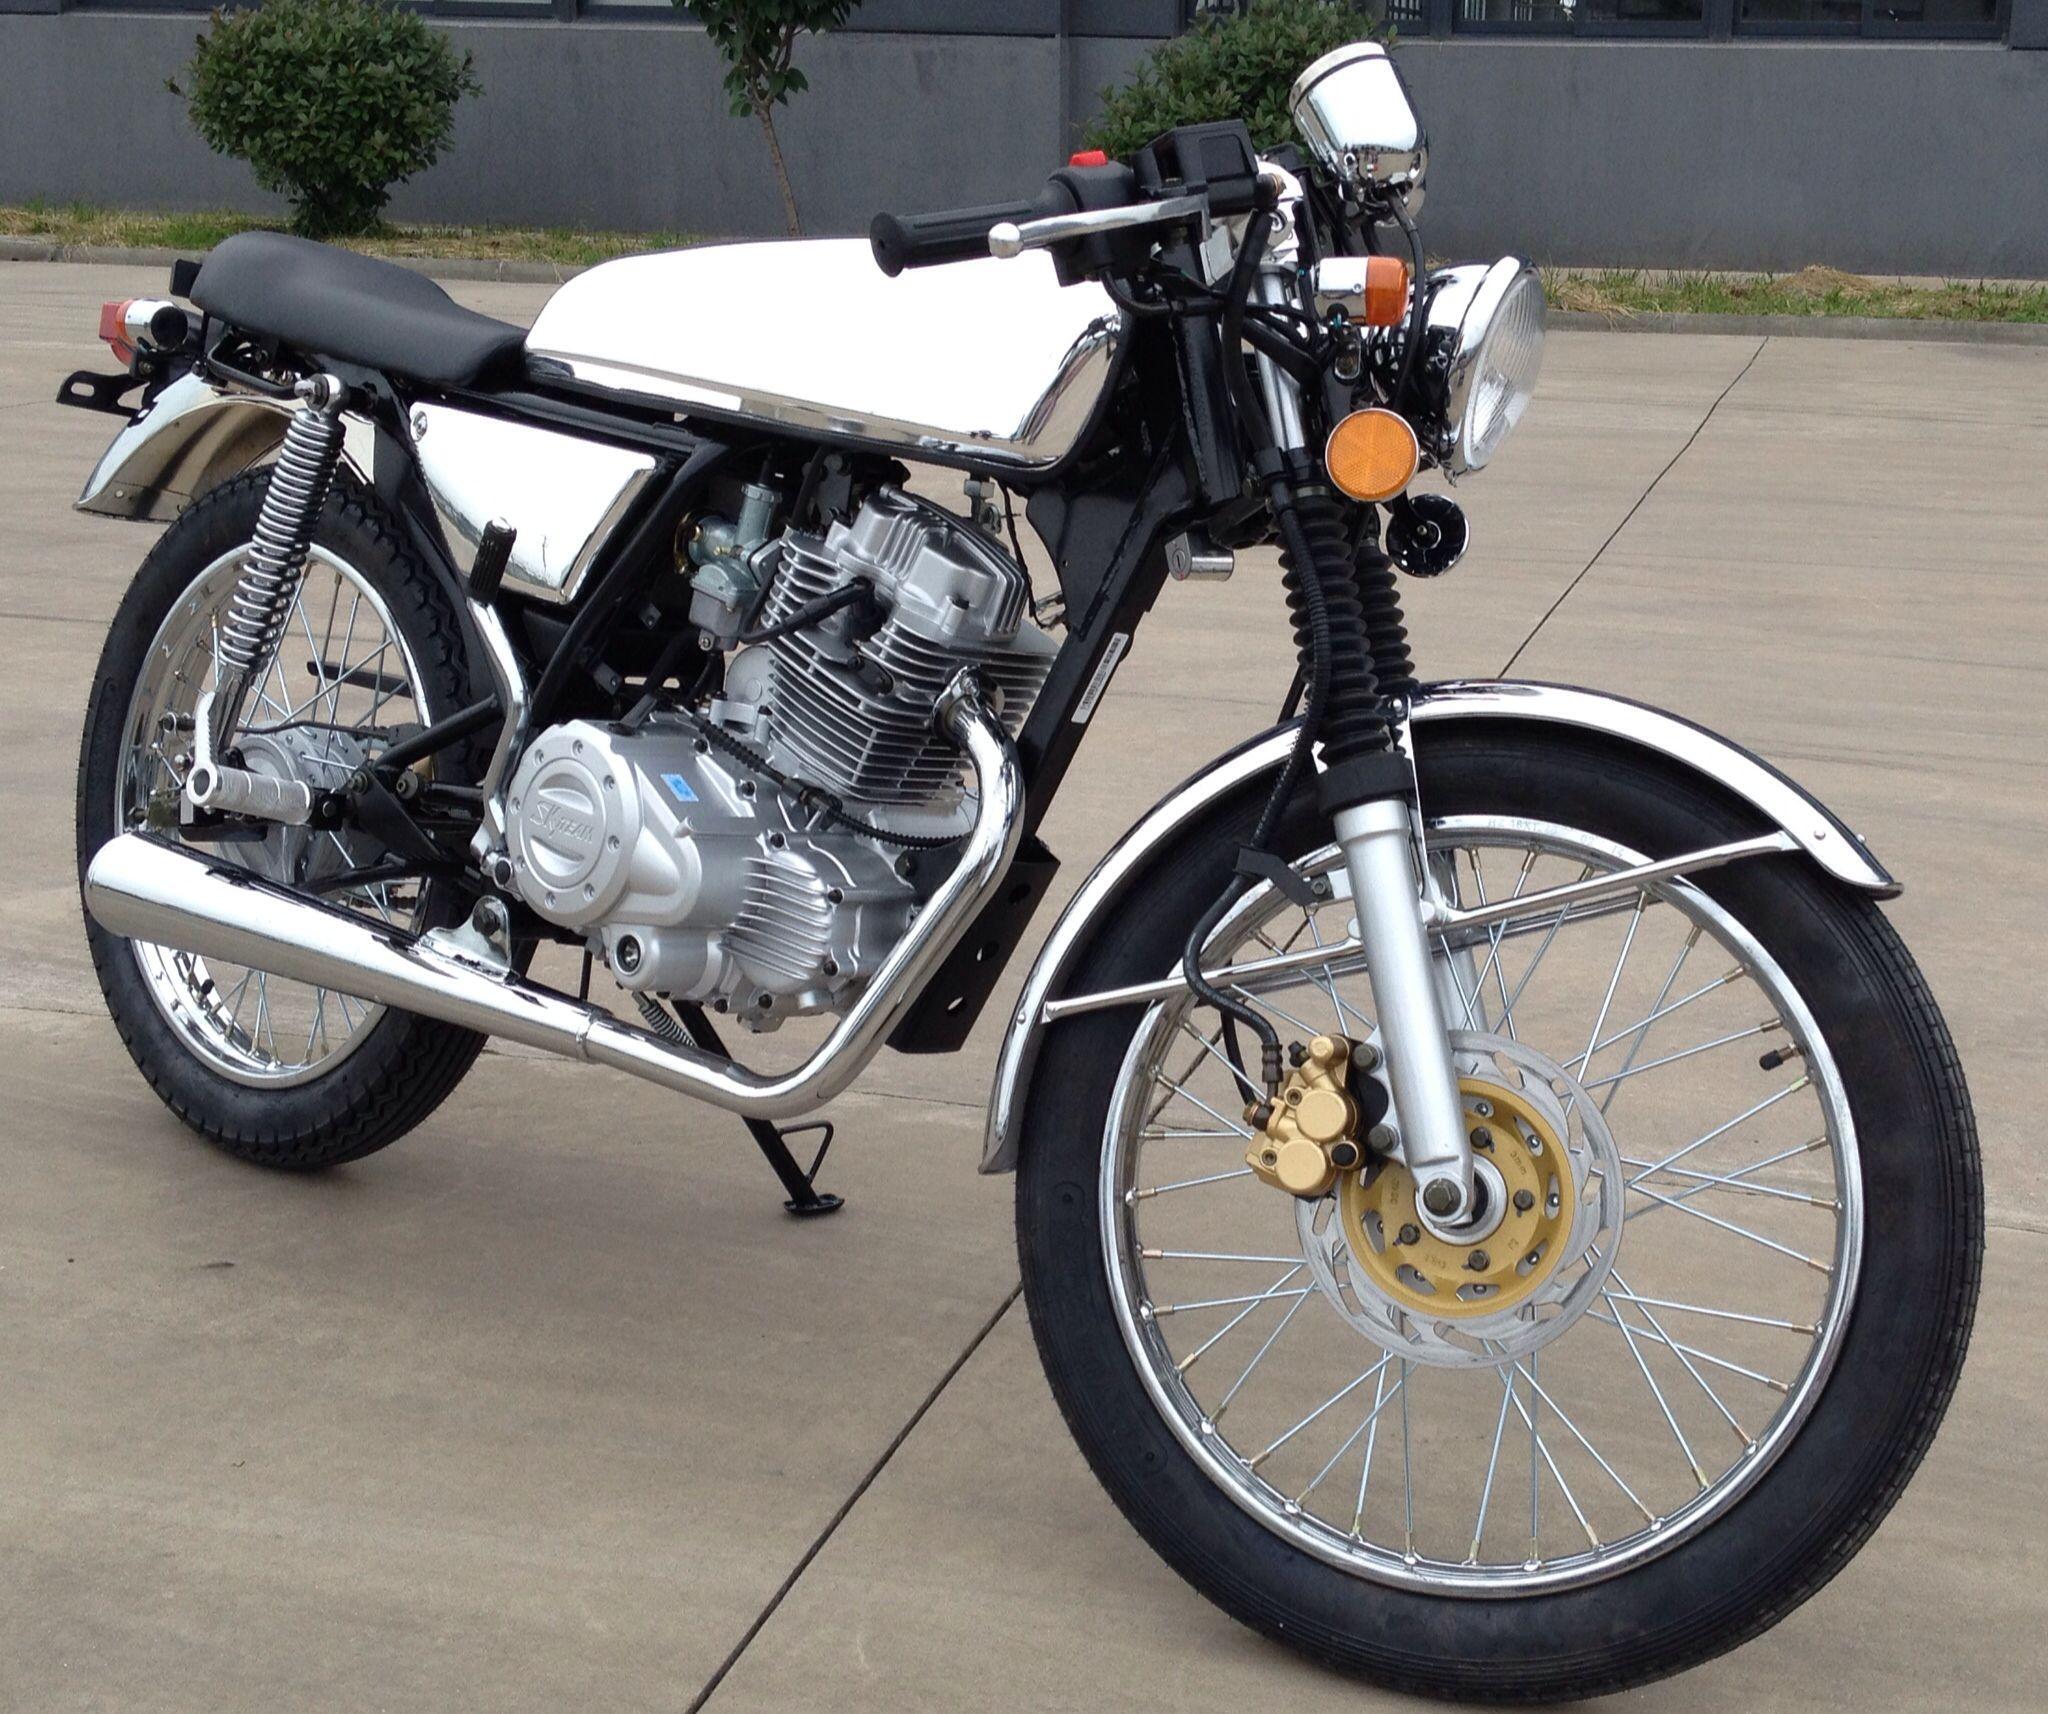 skyteam ace skyteam ace 125 125 motorcycle motorcycle. Black Bedroom Furniture Sets. Home Design Ideas